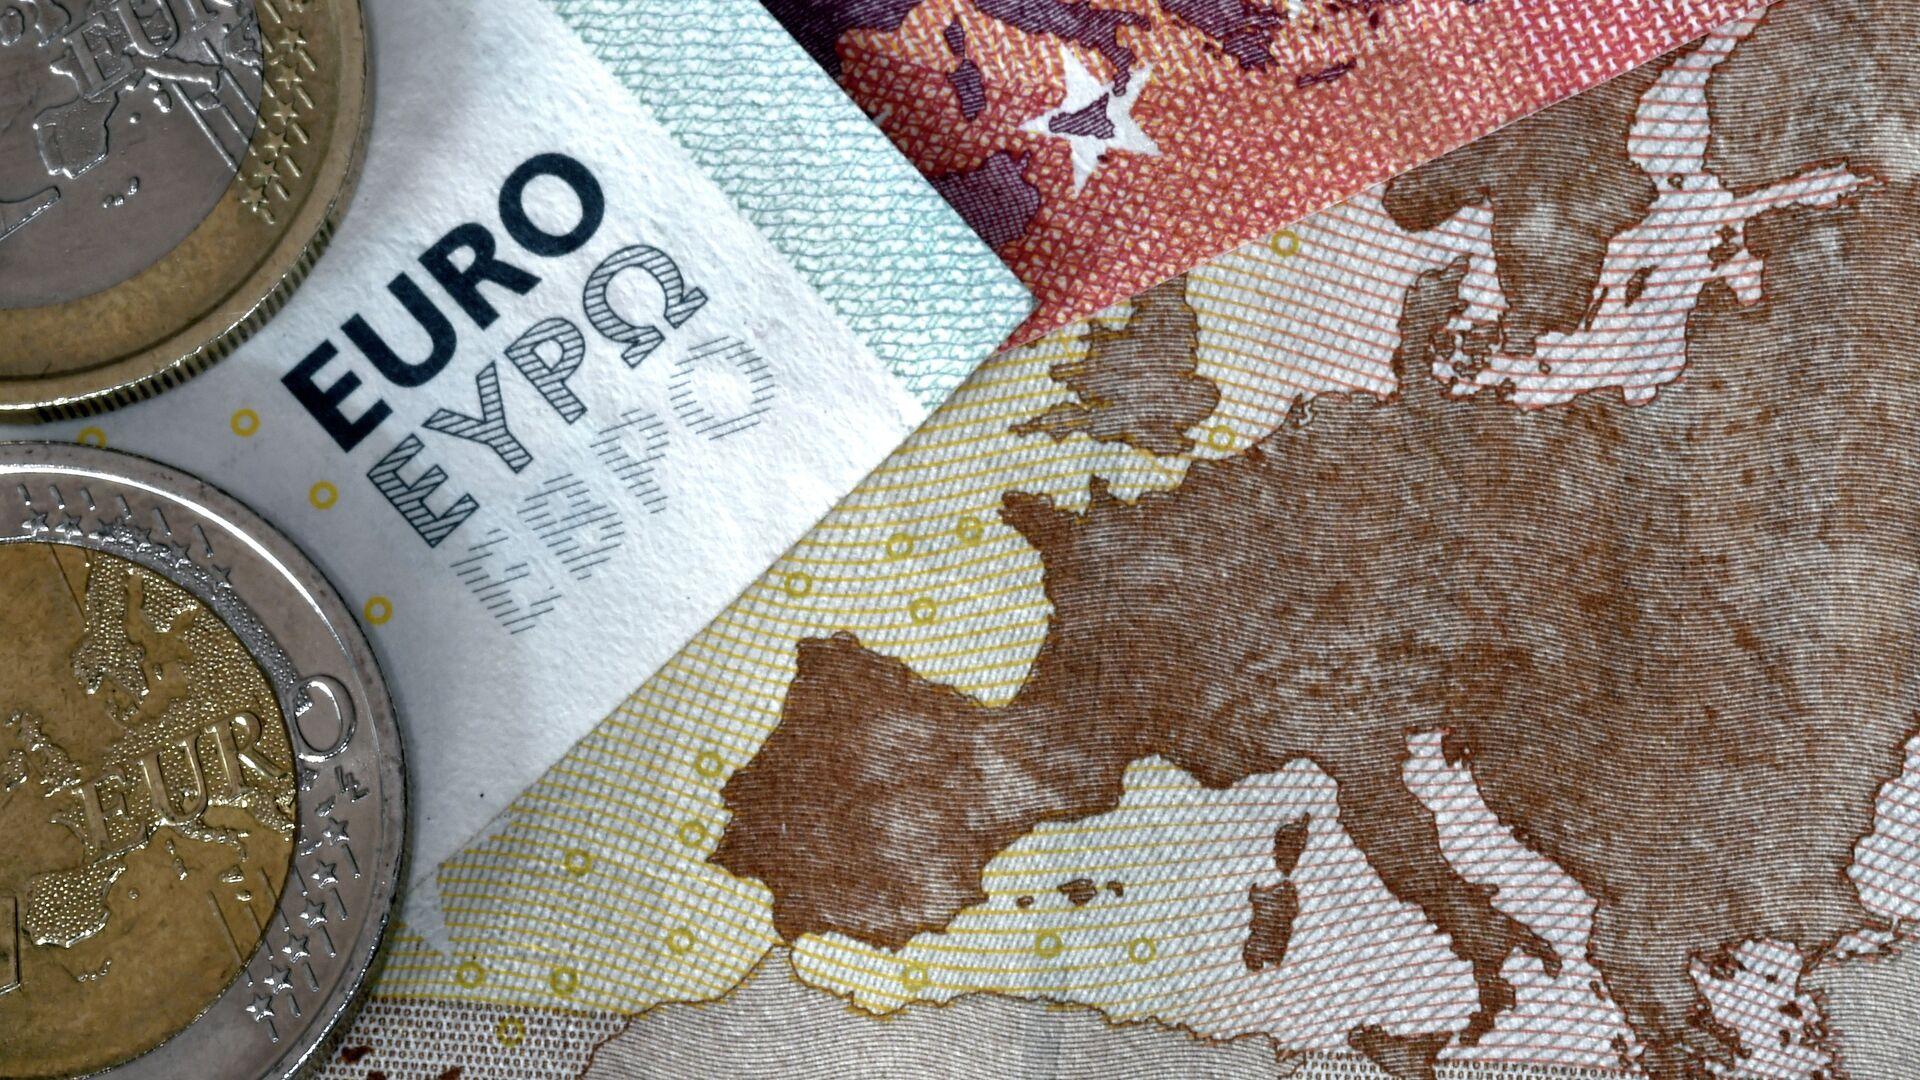 Новчанице и кованице евра на мапи Европе - Sputnik Србија, 1920, 26.09.2021